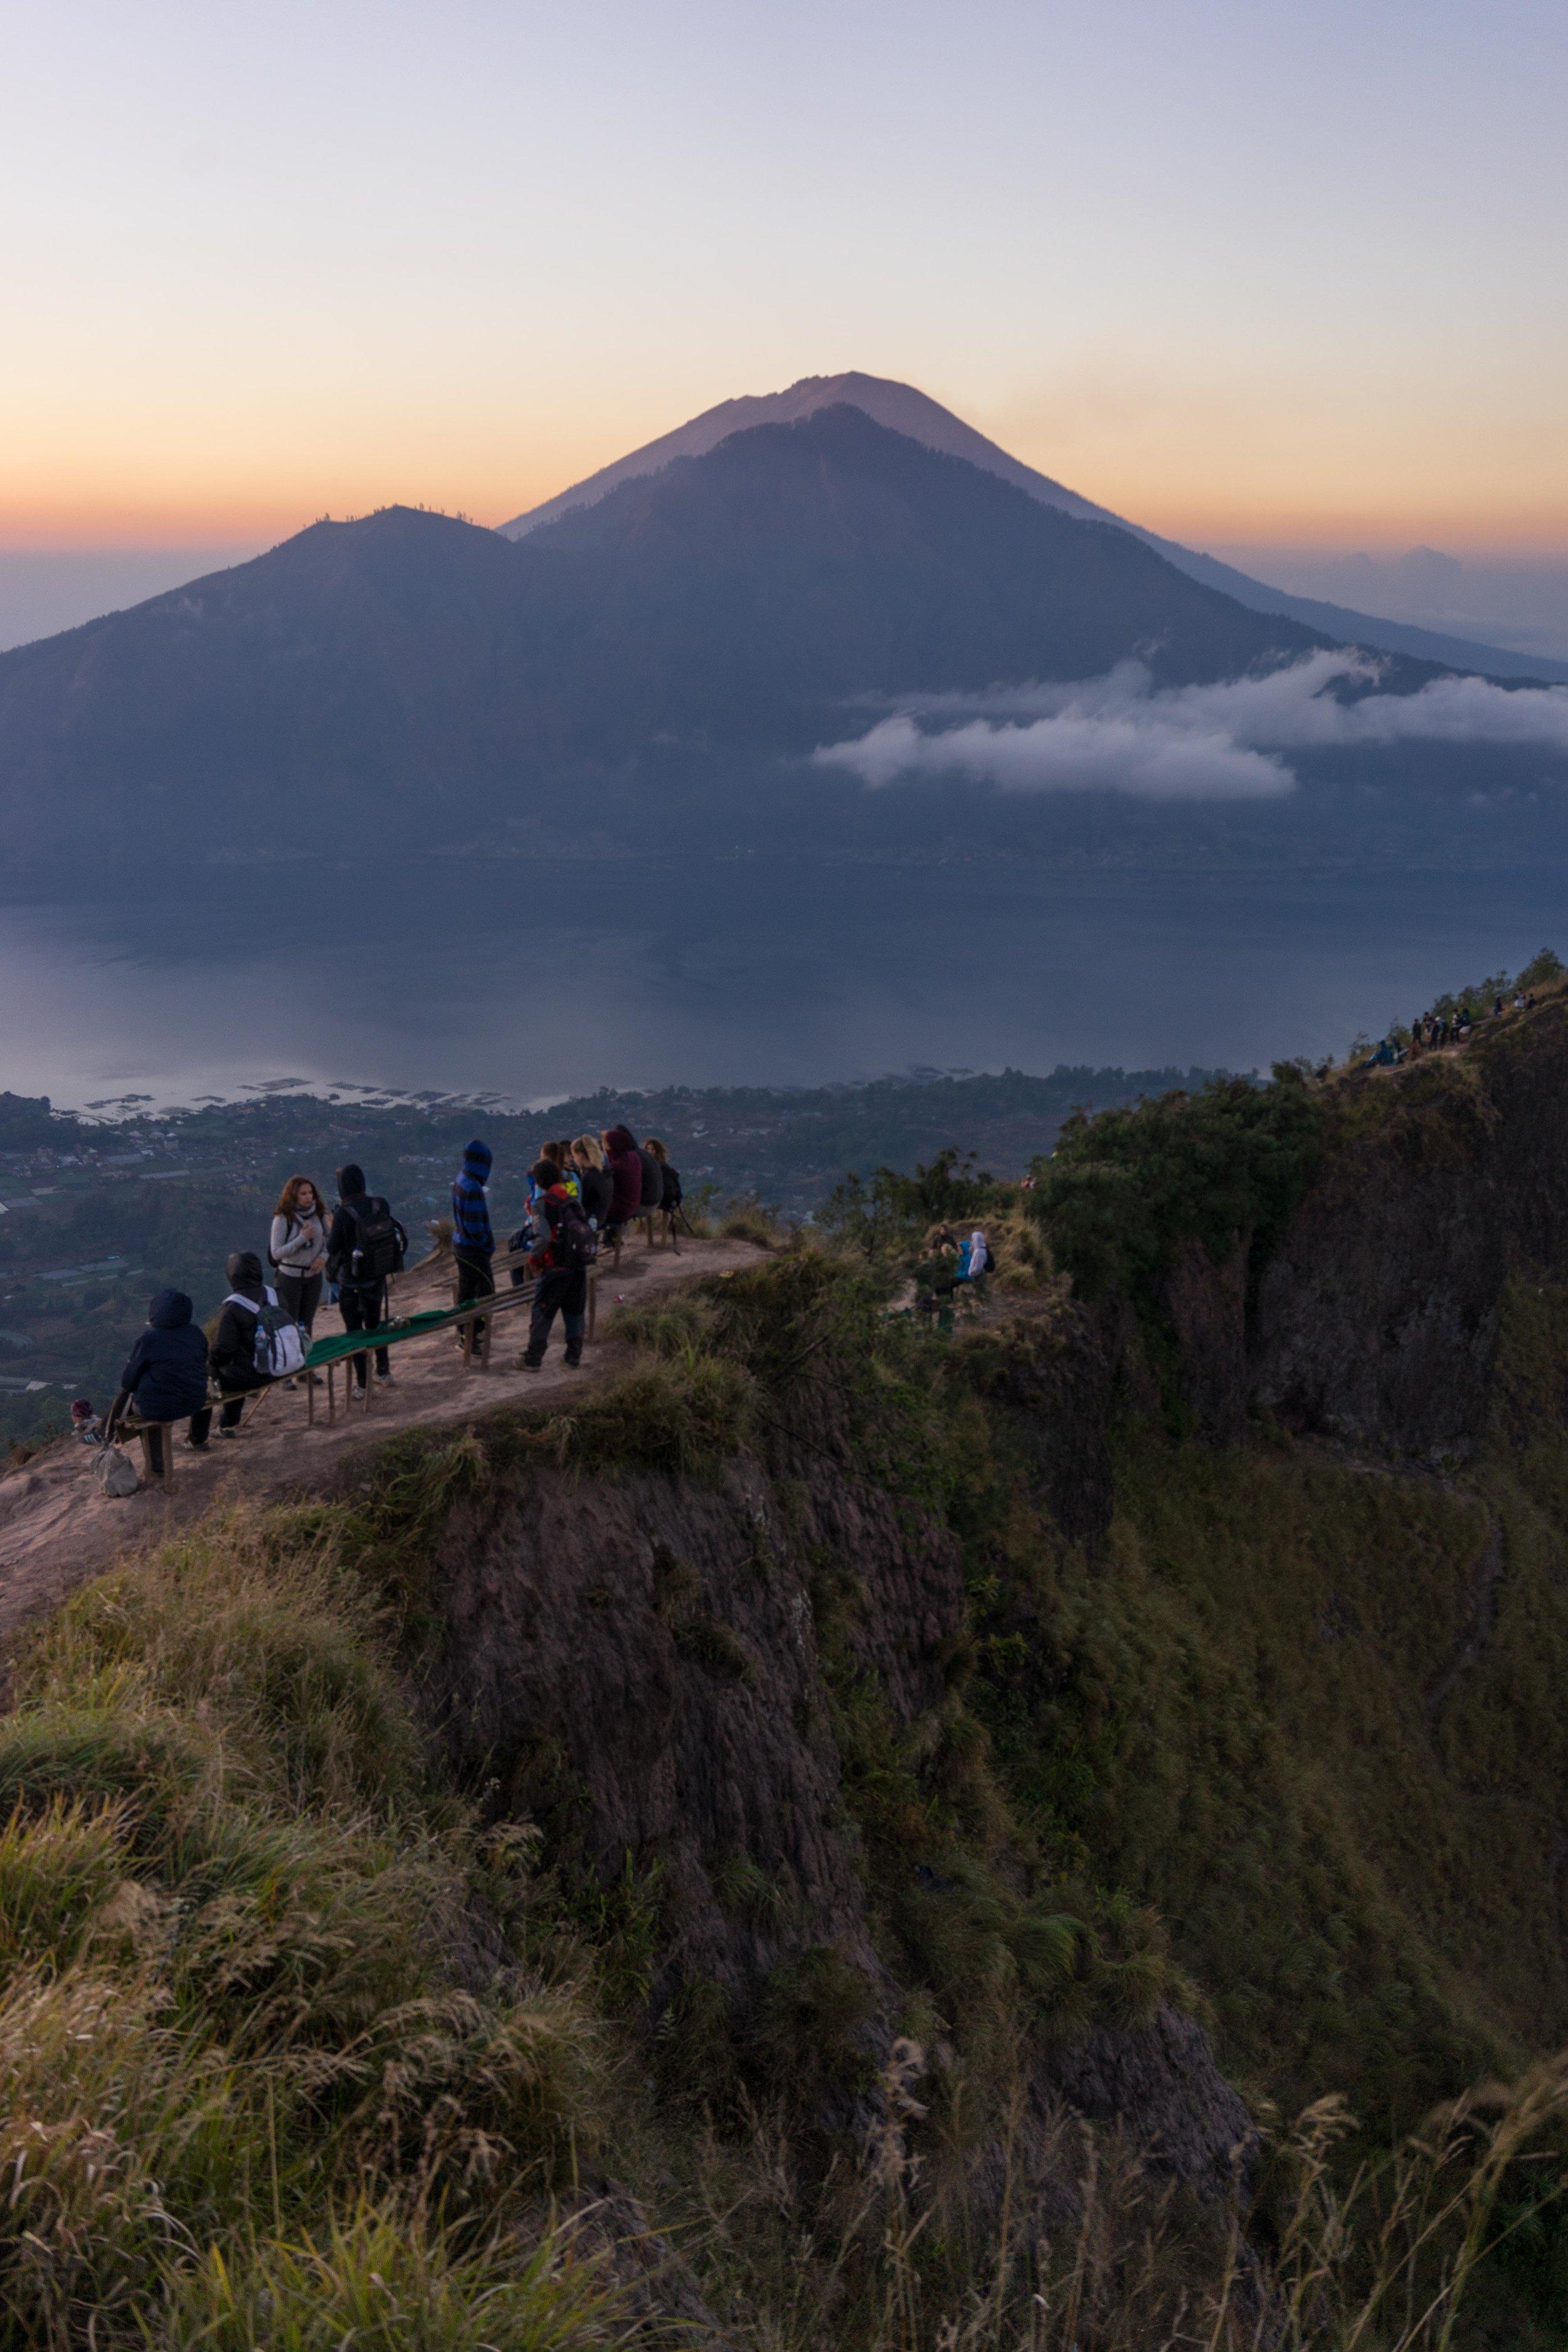 View of Mount Agung from Mount Batur summit, Kintamani, Bali